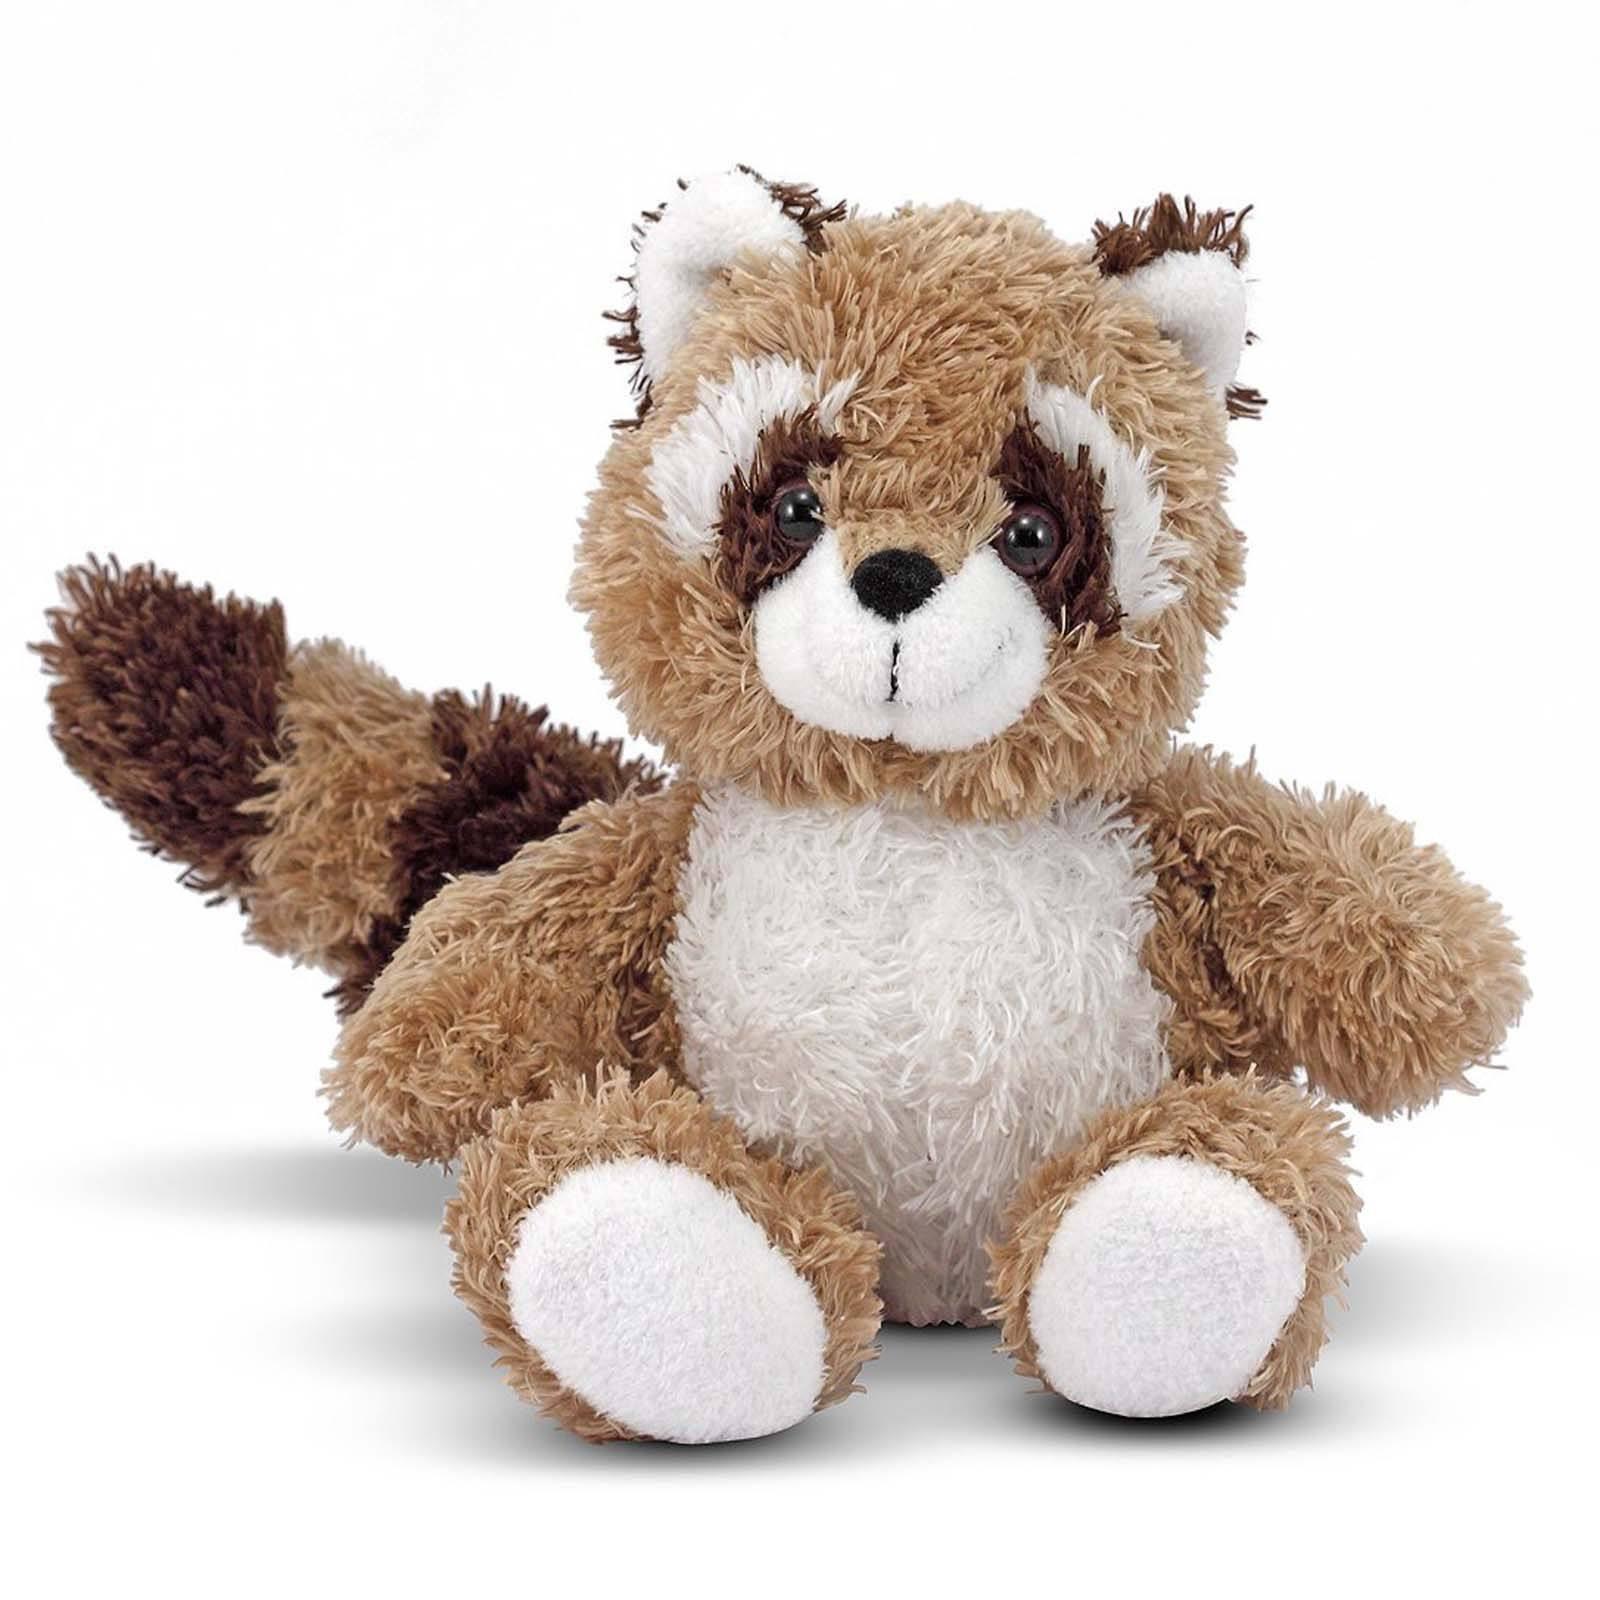 Мягкая игрушка  Енот - Дикие животные, артикул: 164209